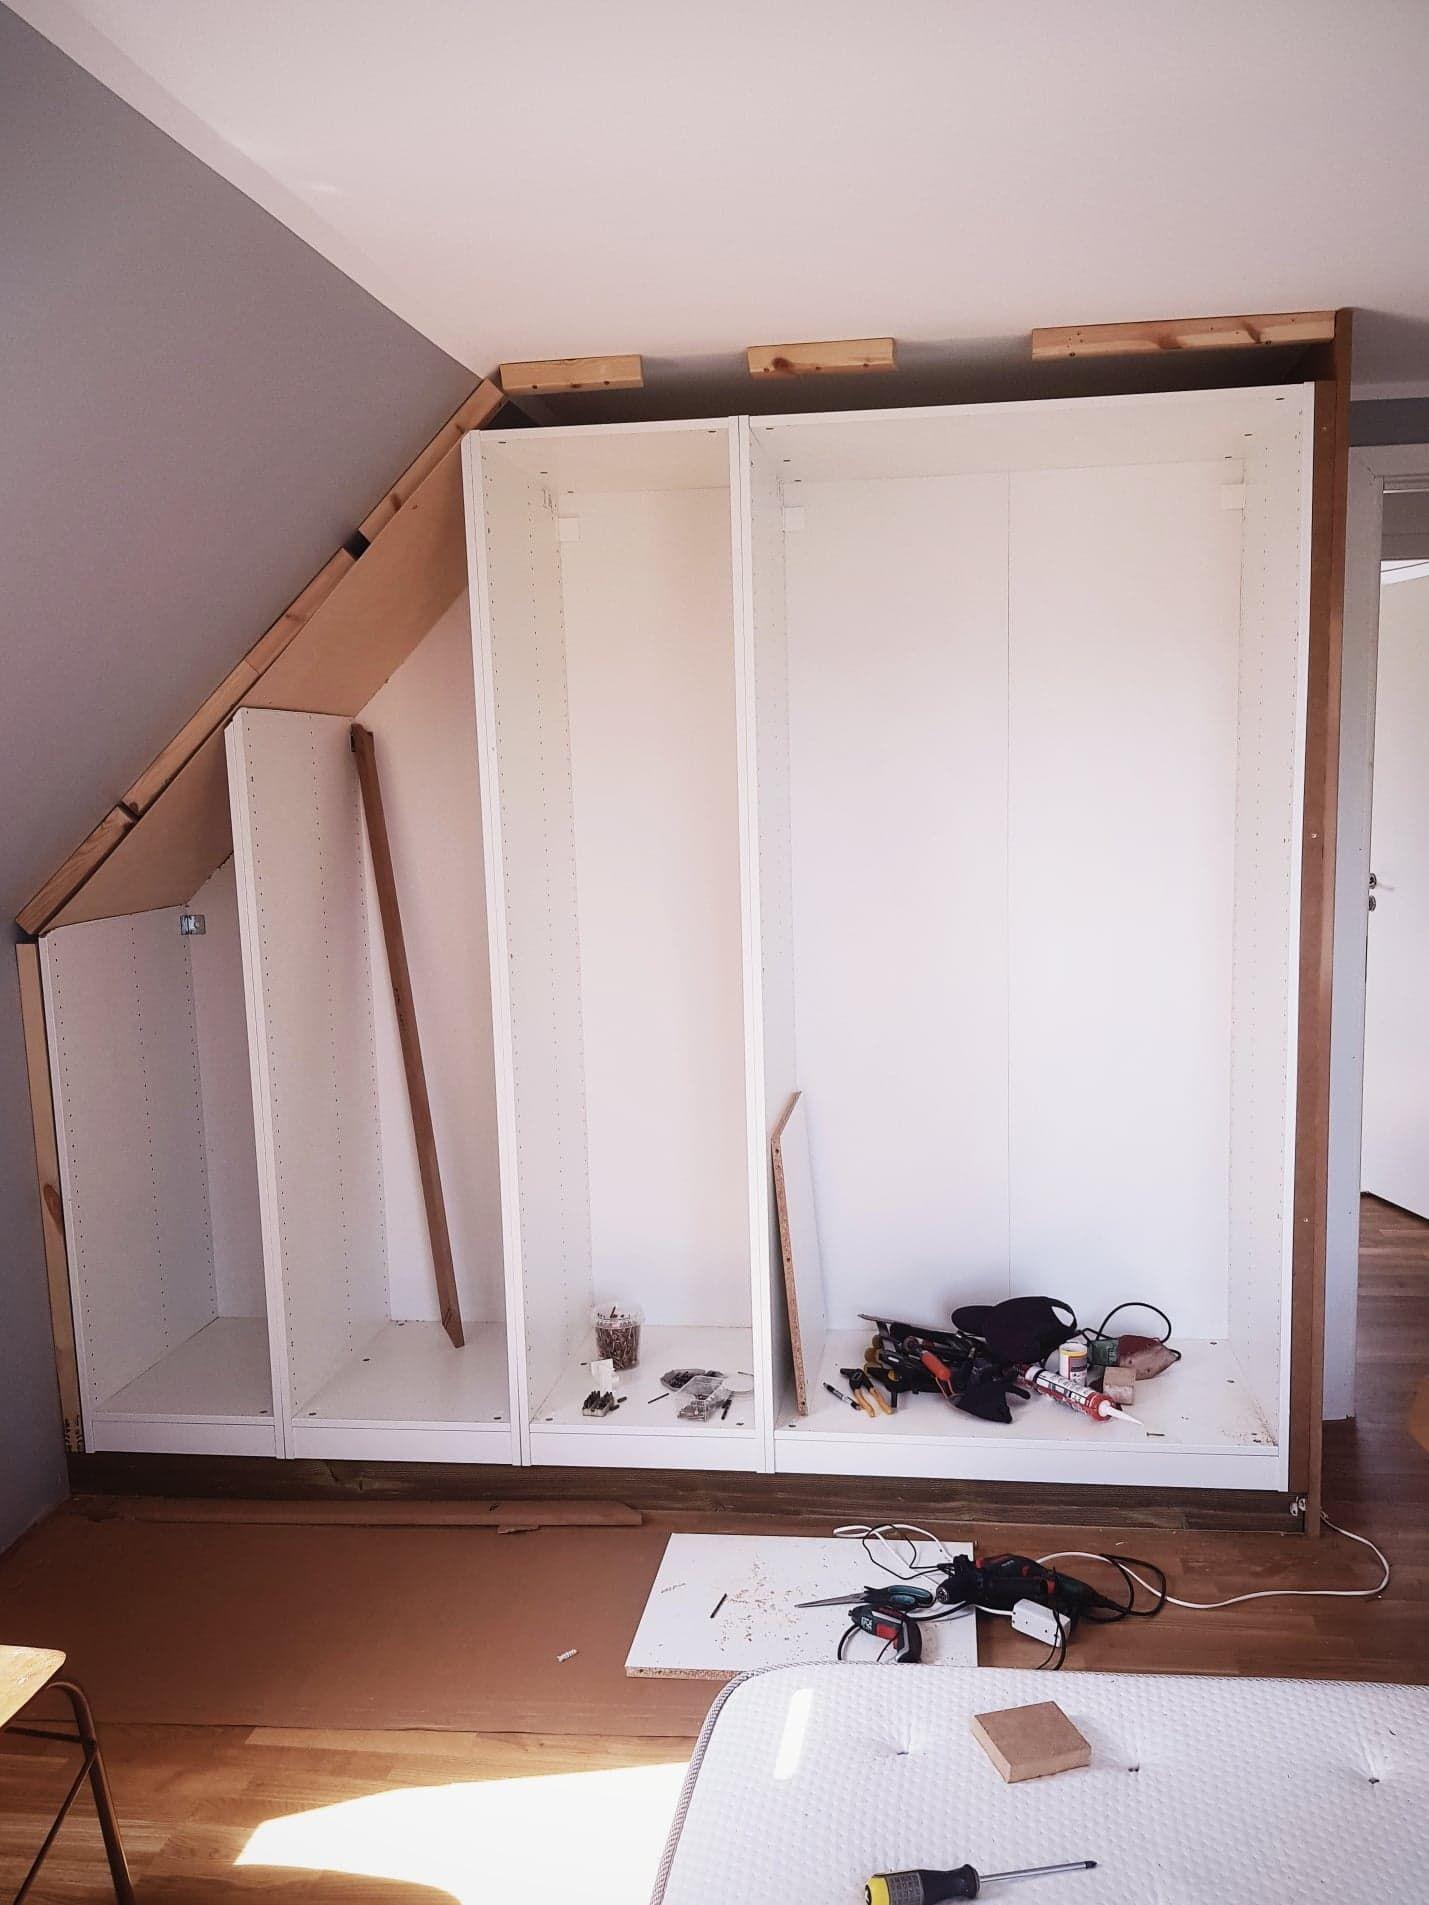 Diy Ikea Hack Fur Einbauschrank Forstadsdromme Dk Diy